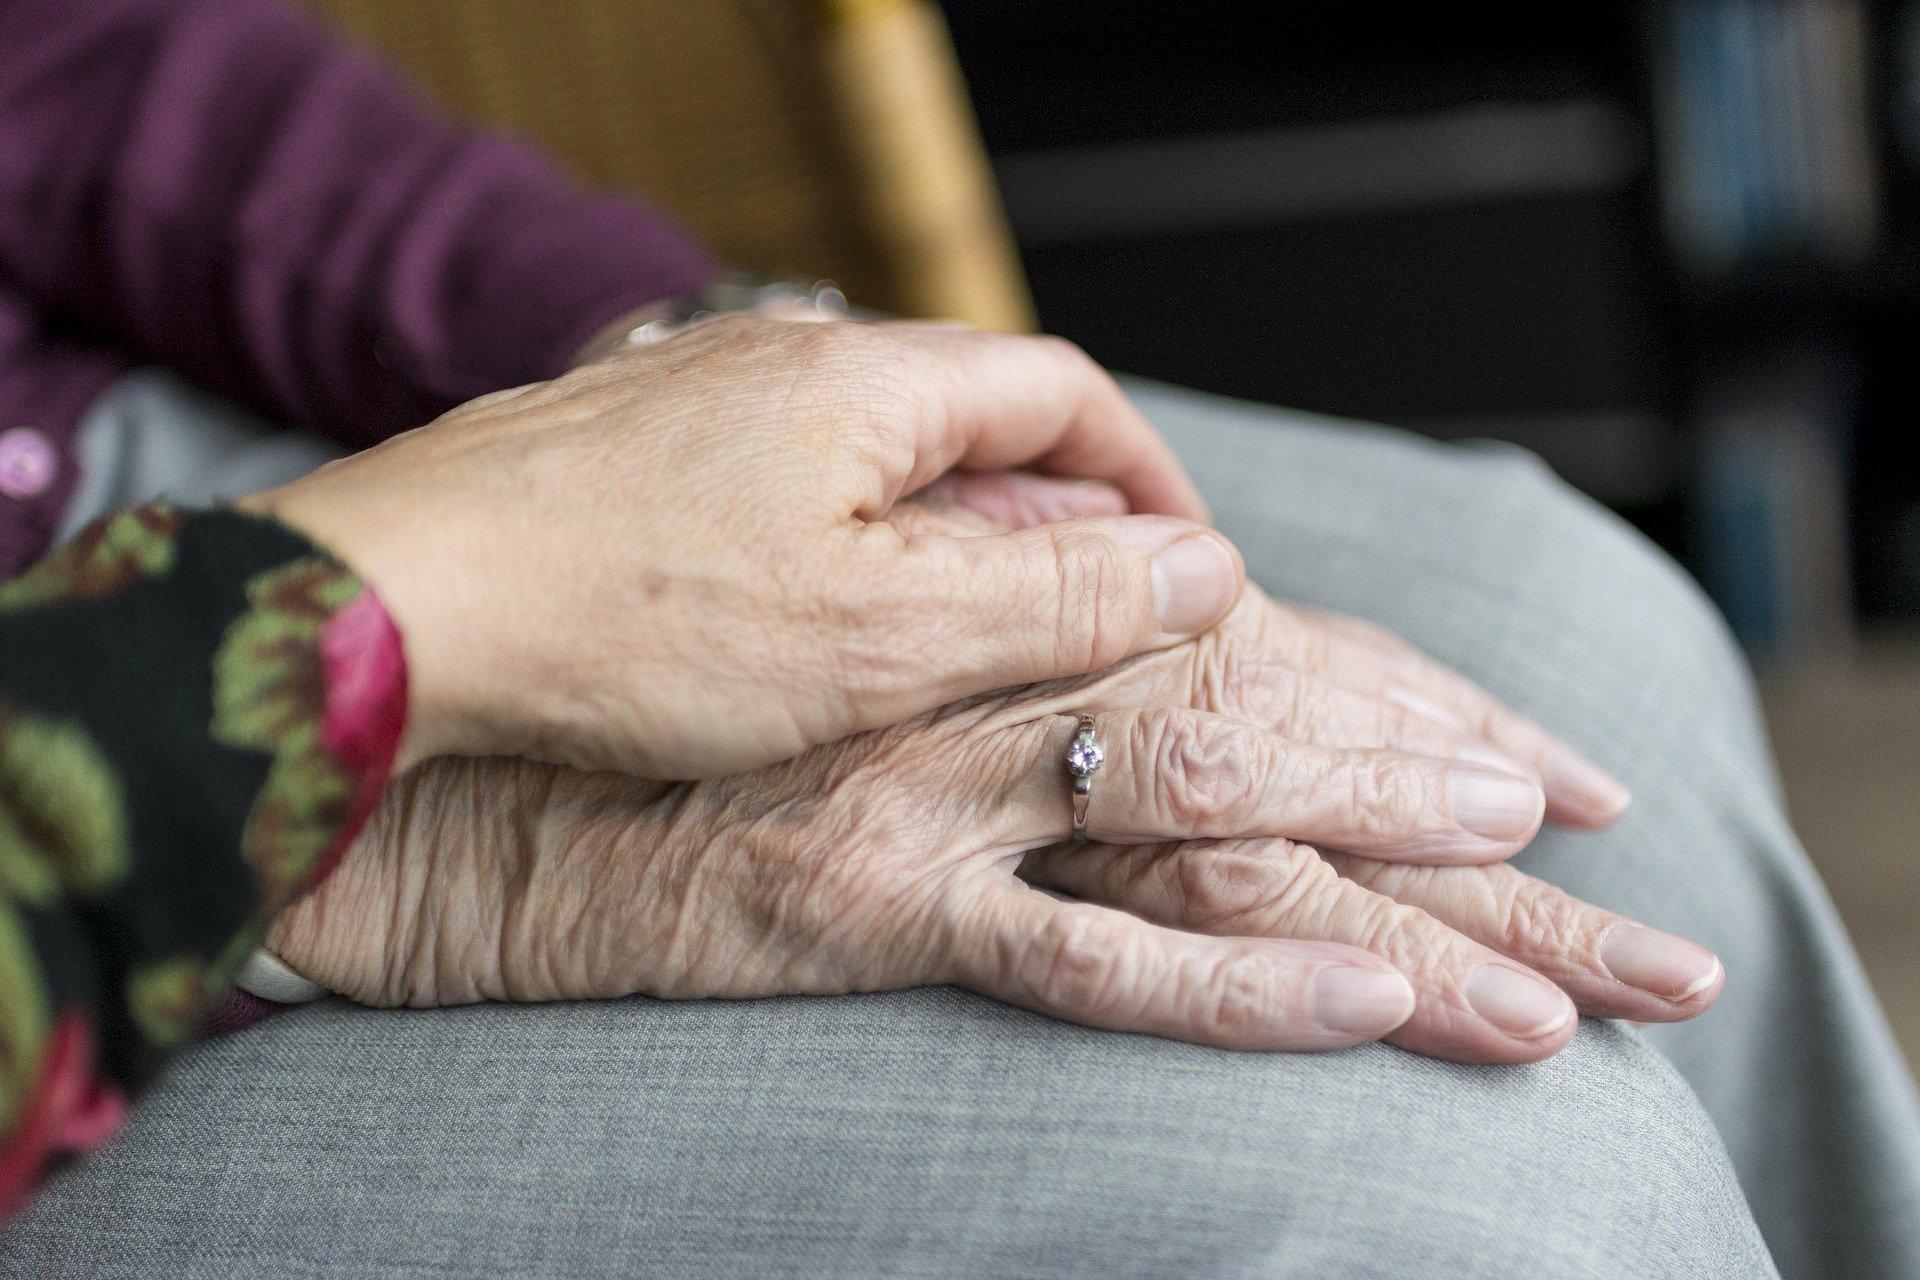 Doença de Parkinson pode ser detectada através de exame ocular